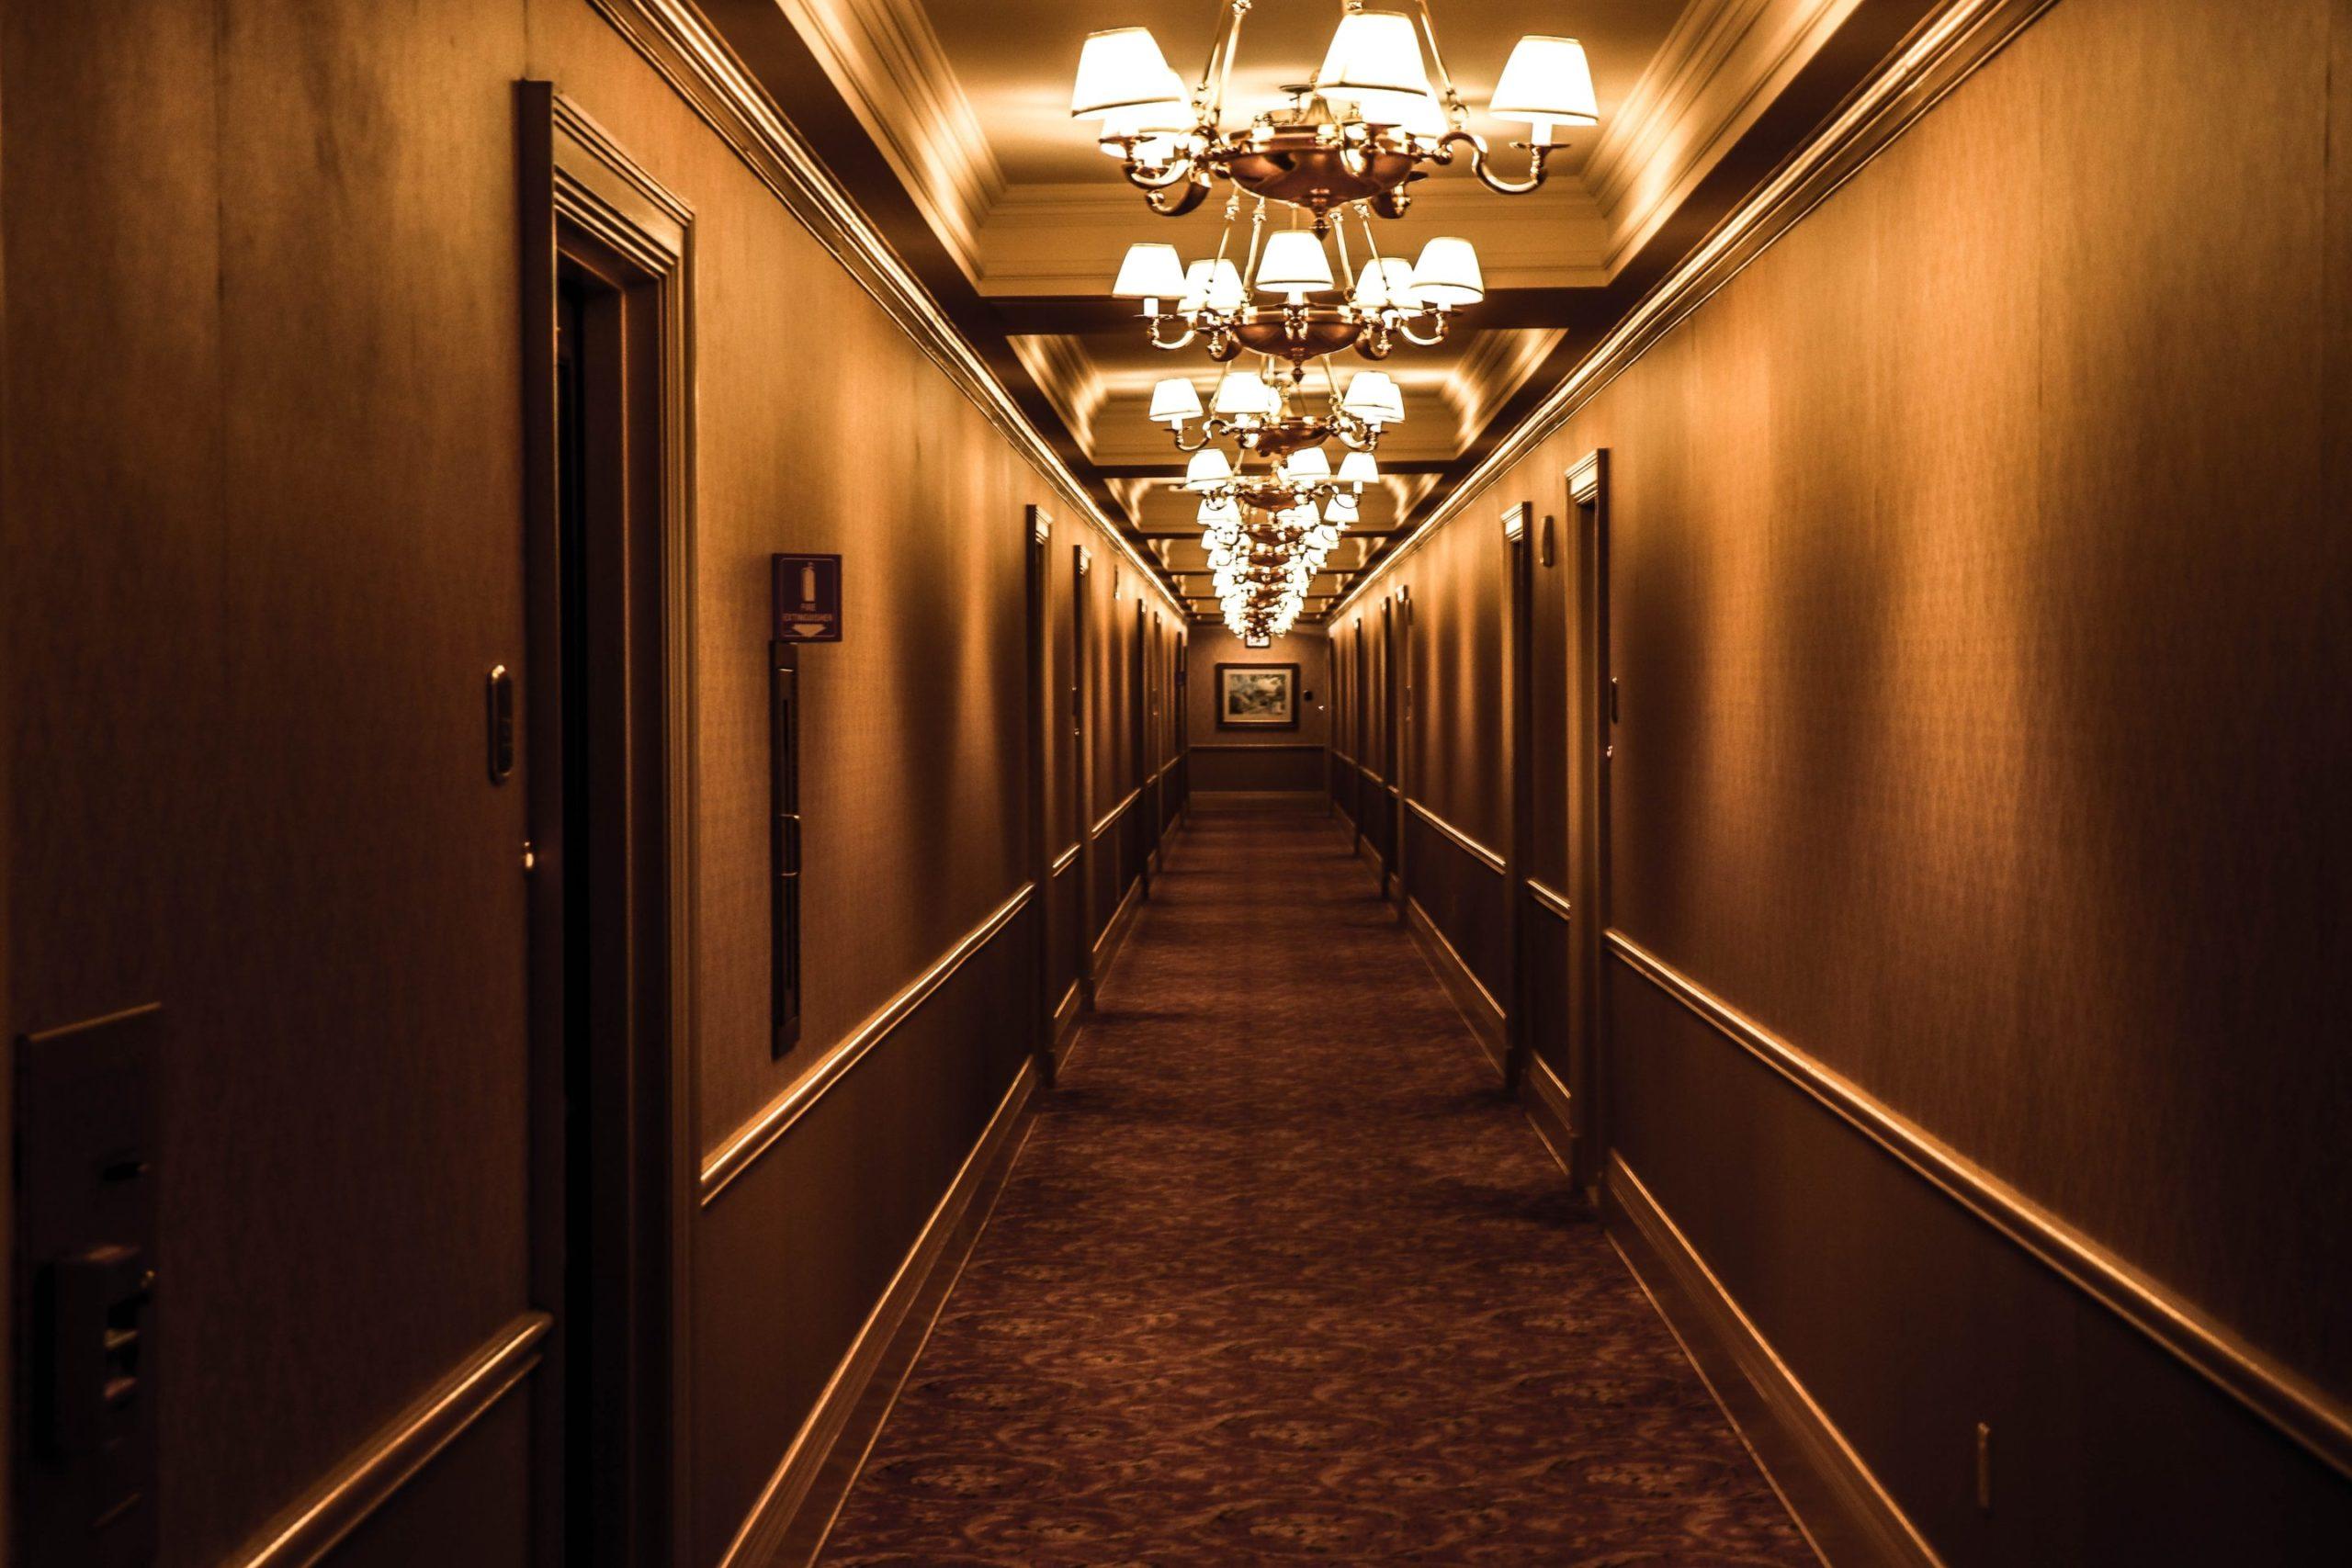 hotel light fixtures